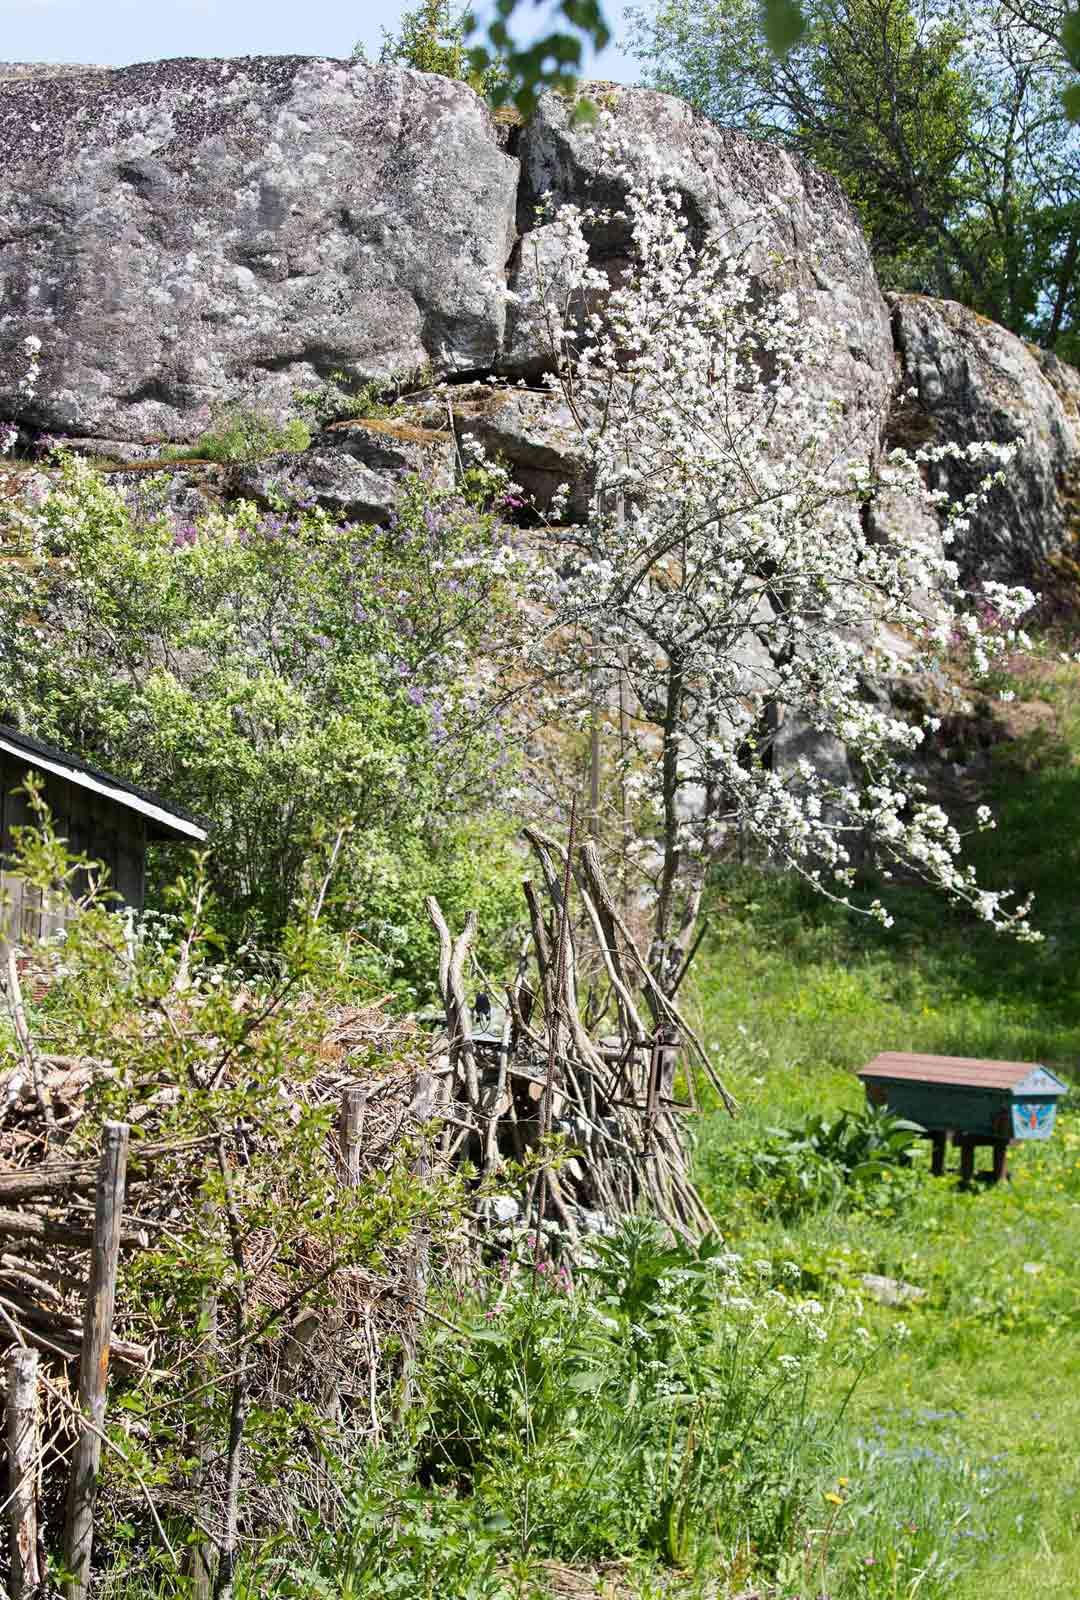 Vielä muutama vuosi sitten linnavuori oli sankan pensaiston peittämä. Nyt ympäristöä on harvennettu muistuttamaan jälleen paremmin satojen vuosien takaisesta menneisyydestä.